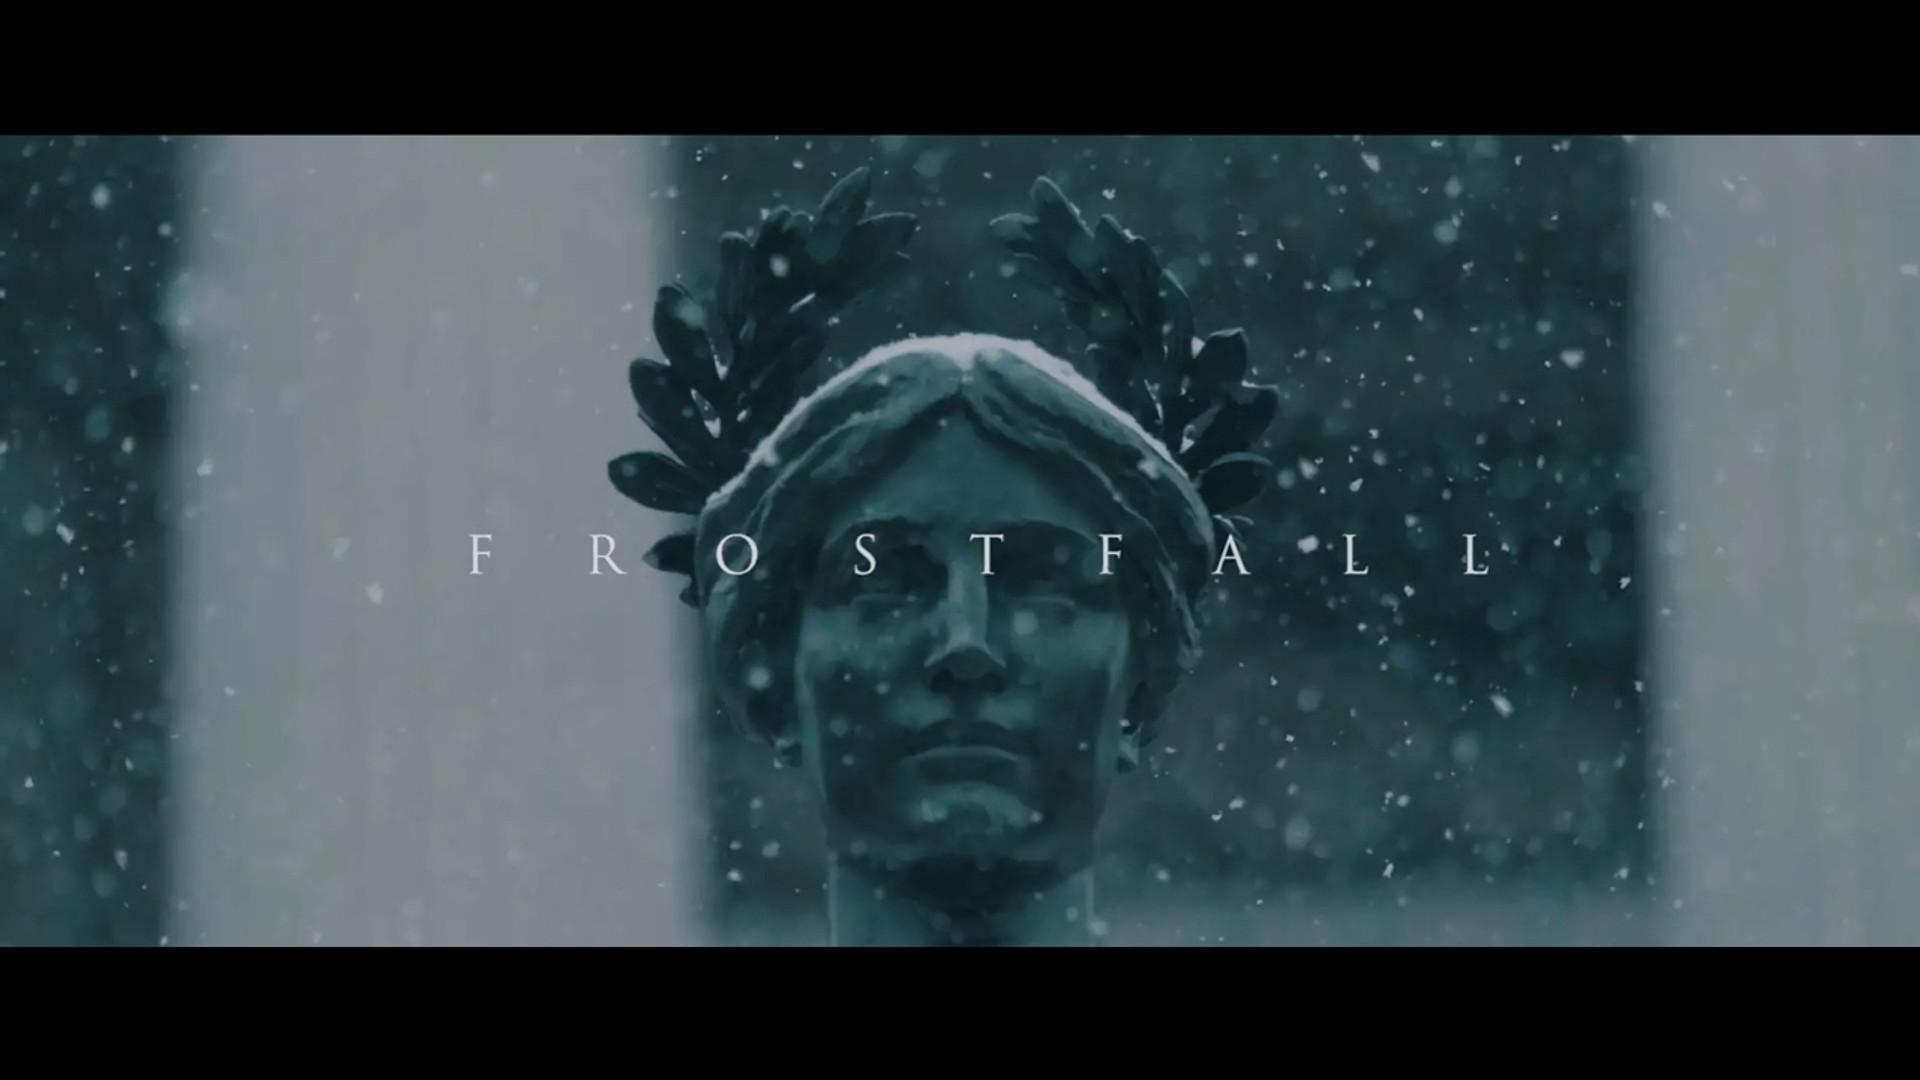 Frostfall (Short Film)